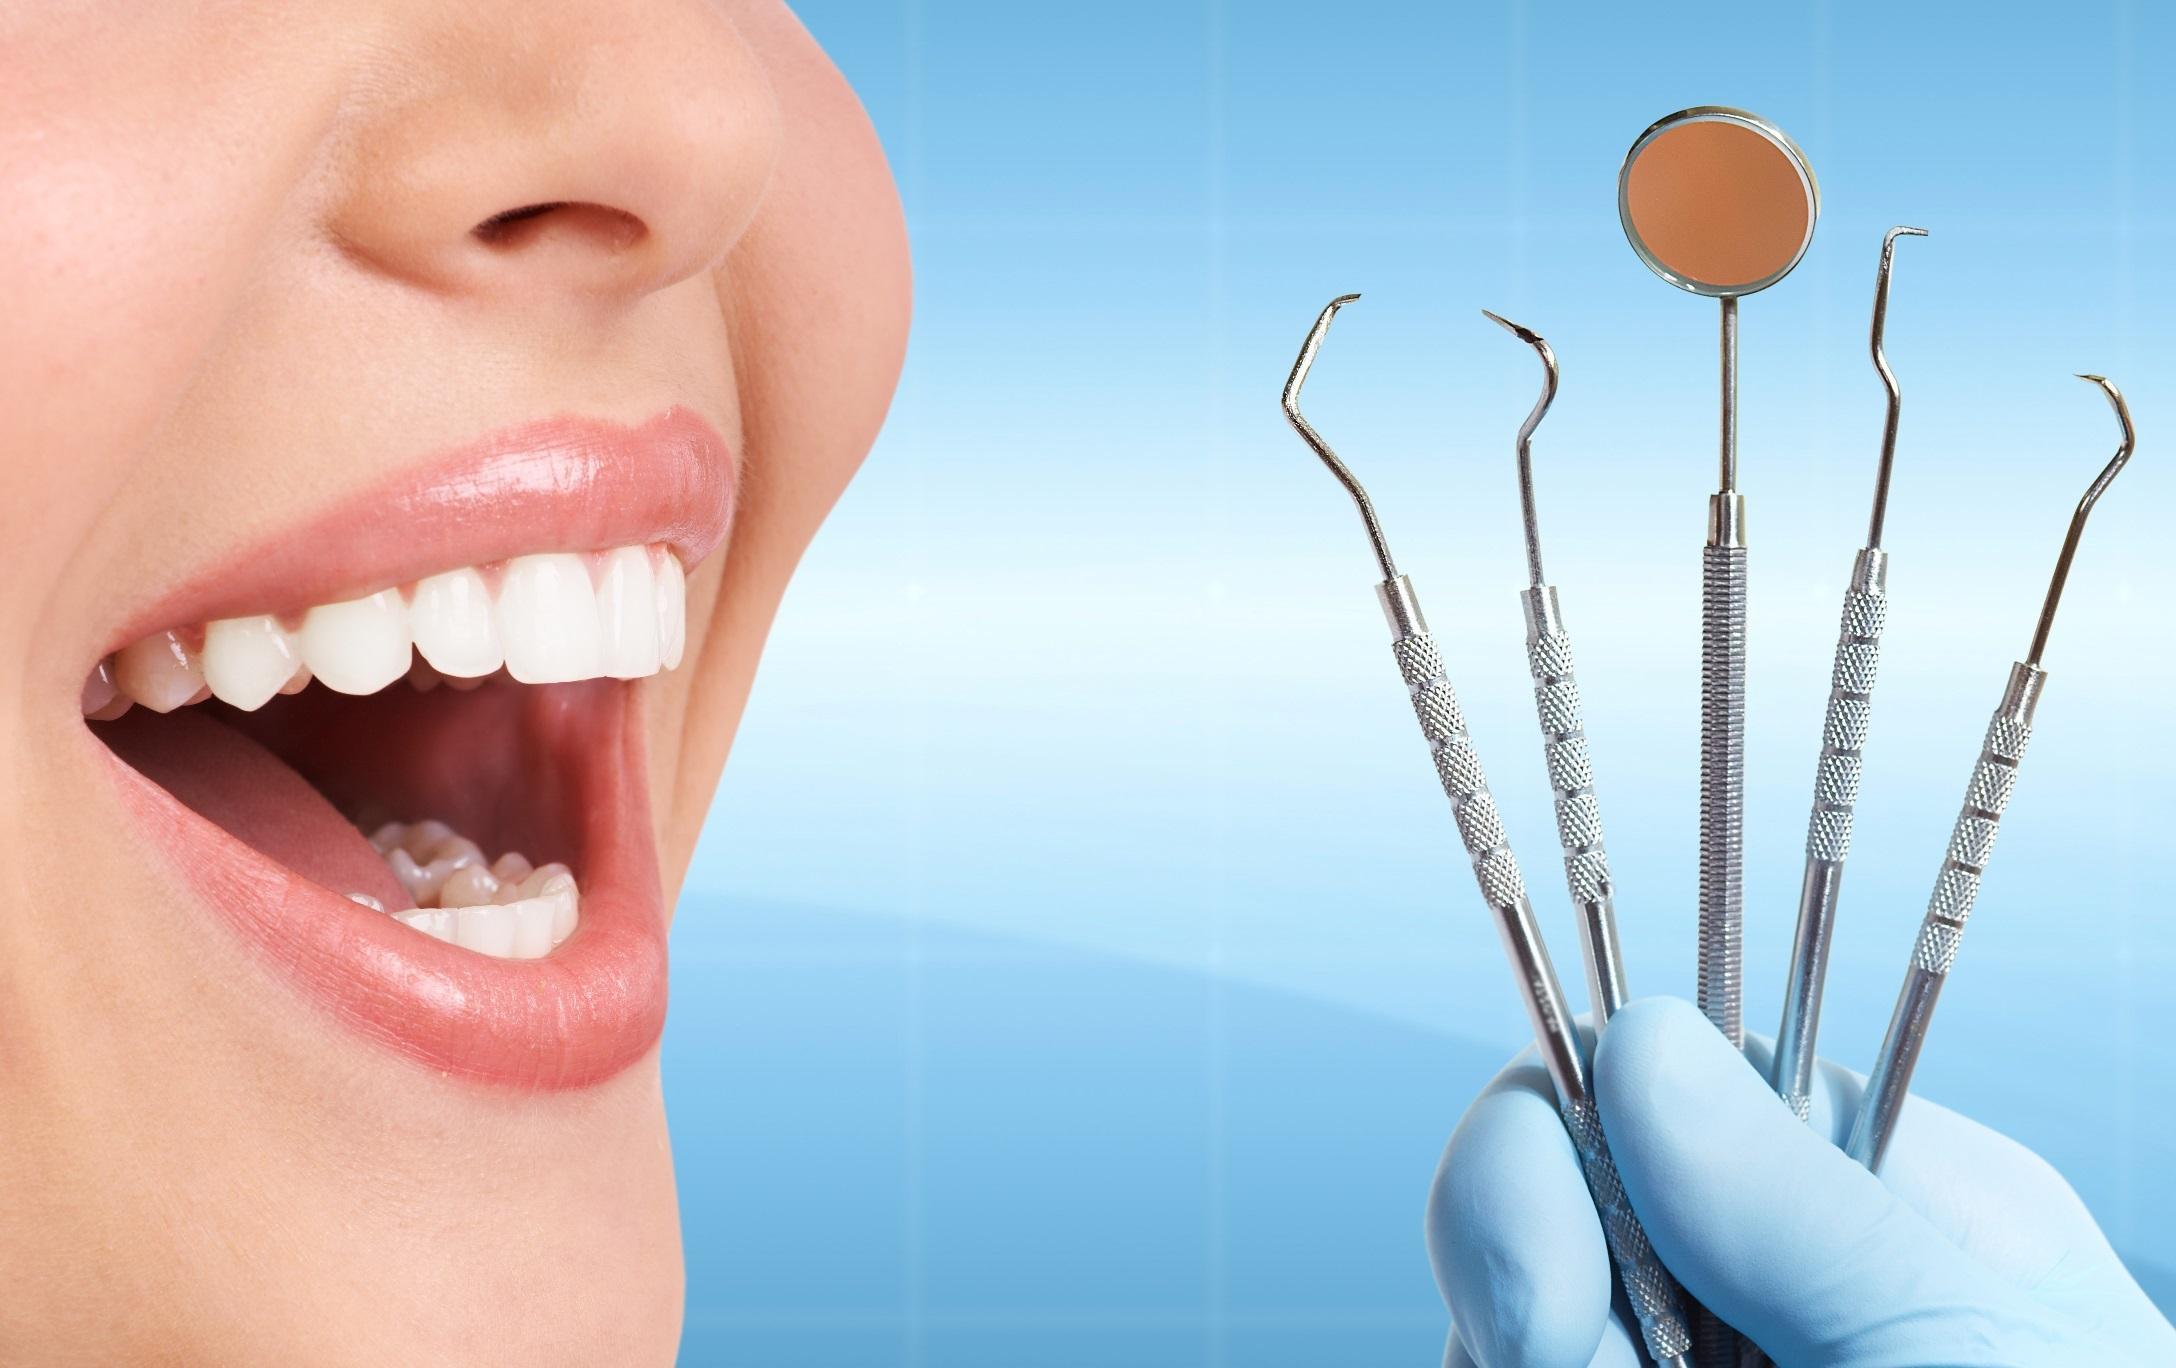 Диагностика и лечение кариеса эмали зубов. Остановите болезнь на ранней стадии, пока не поздно